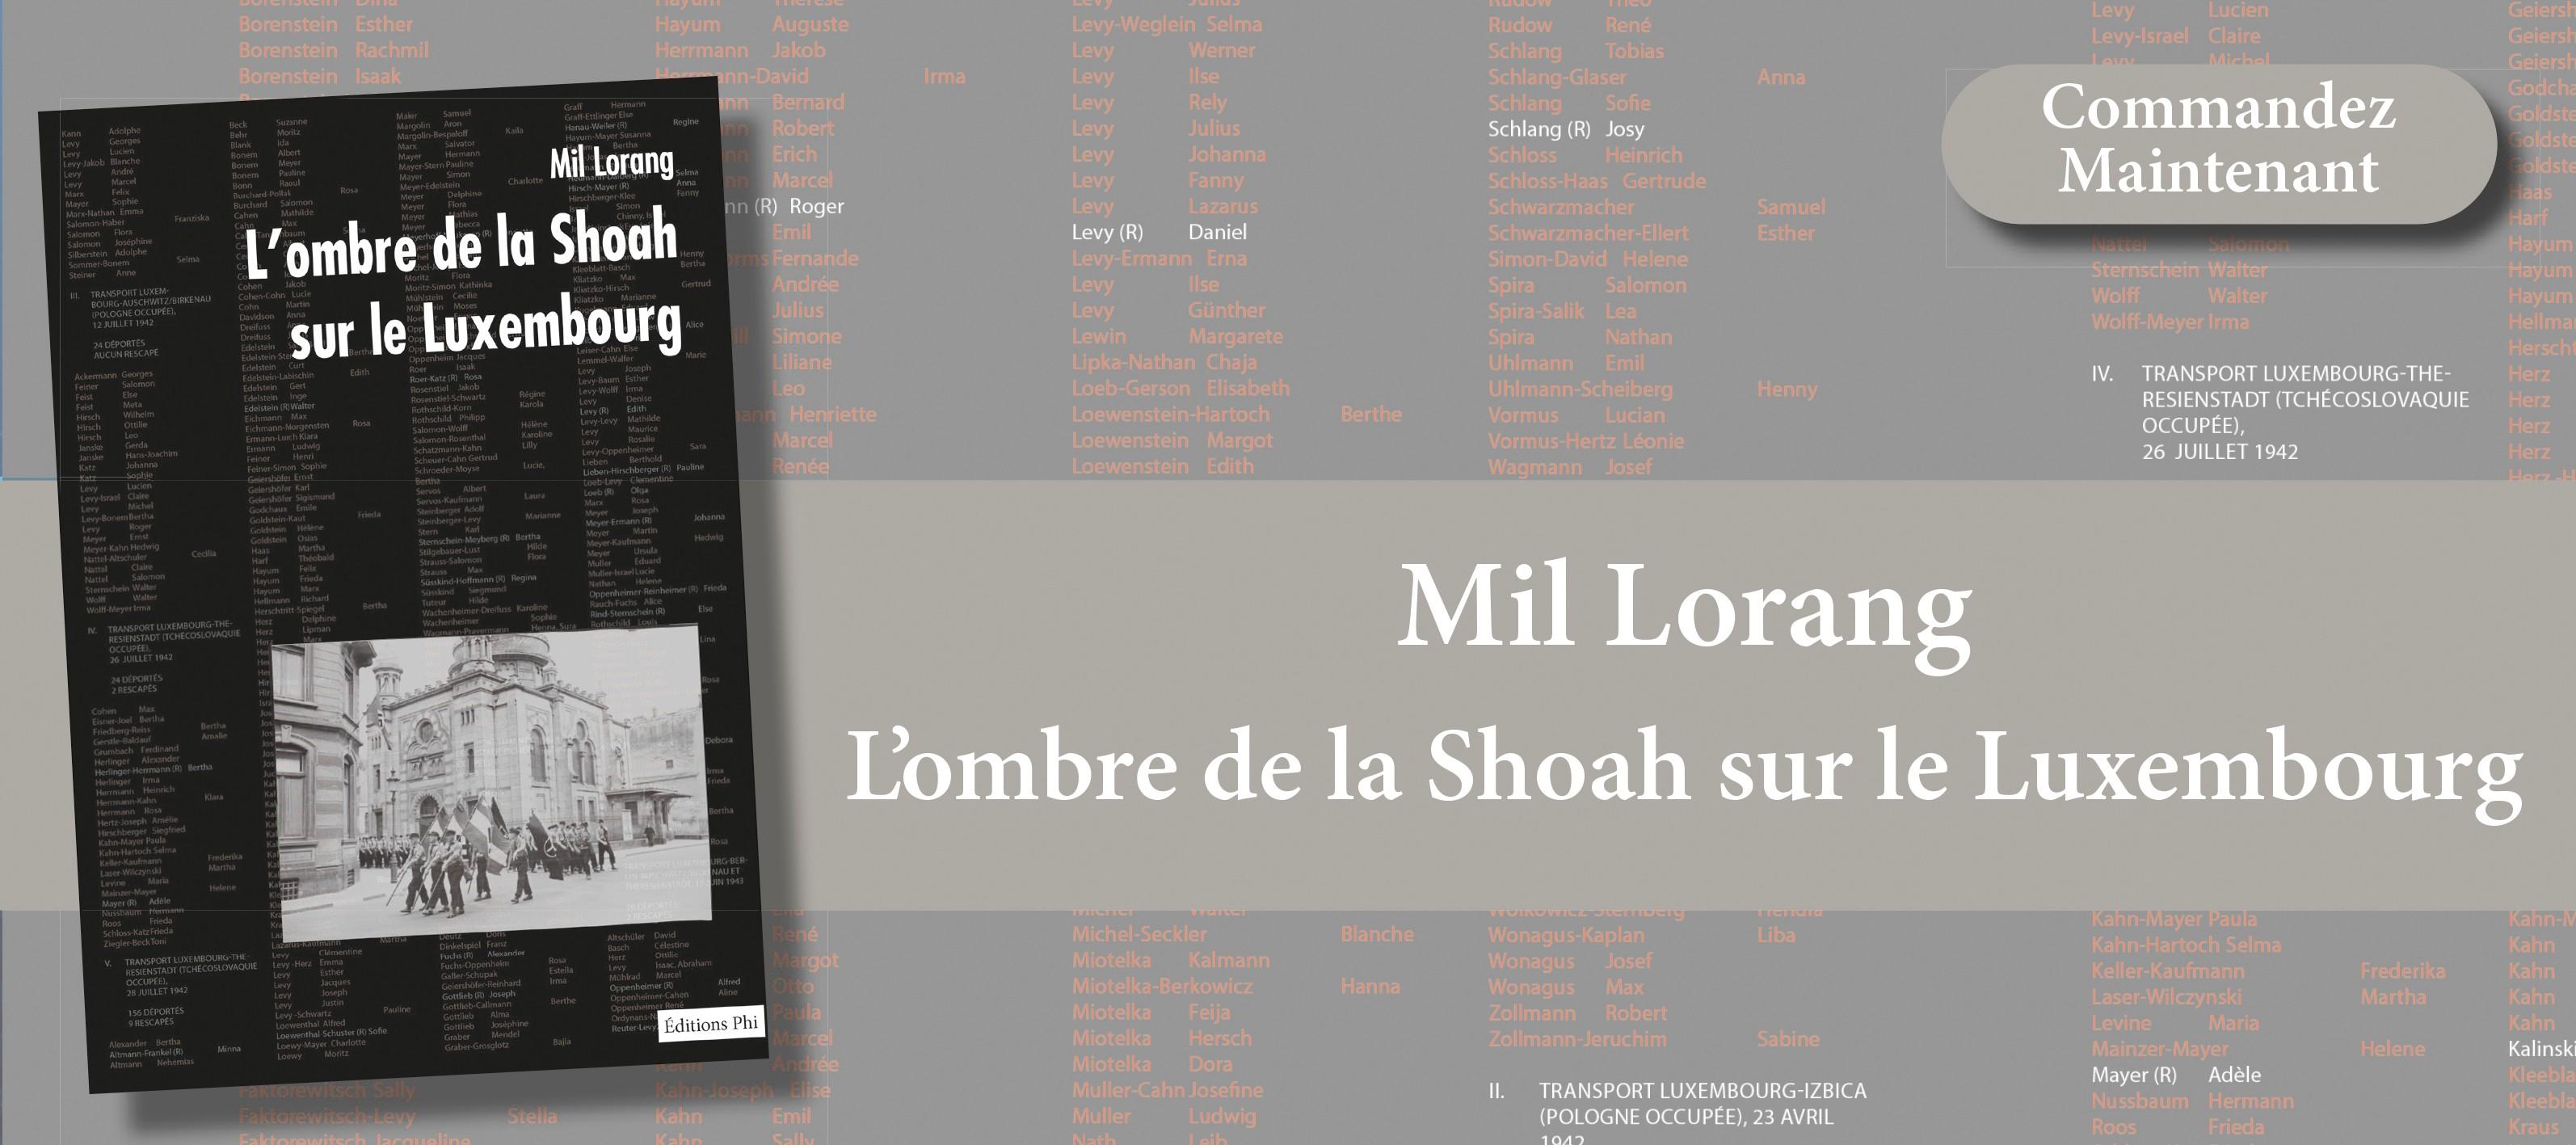 http://www.editionsphi.lu/fr/home/489-mil-lorang-l-ombre-de-la-shoah-sur-le-luxembourg.html